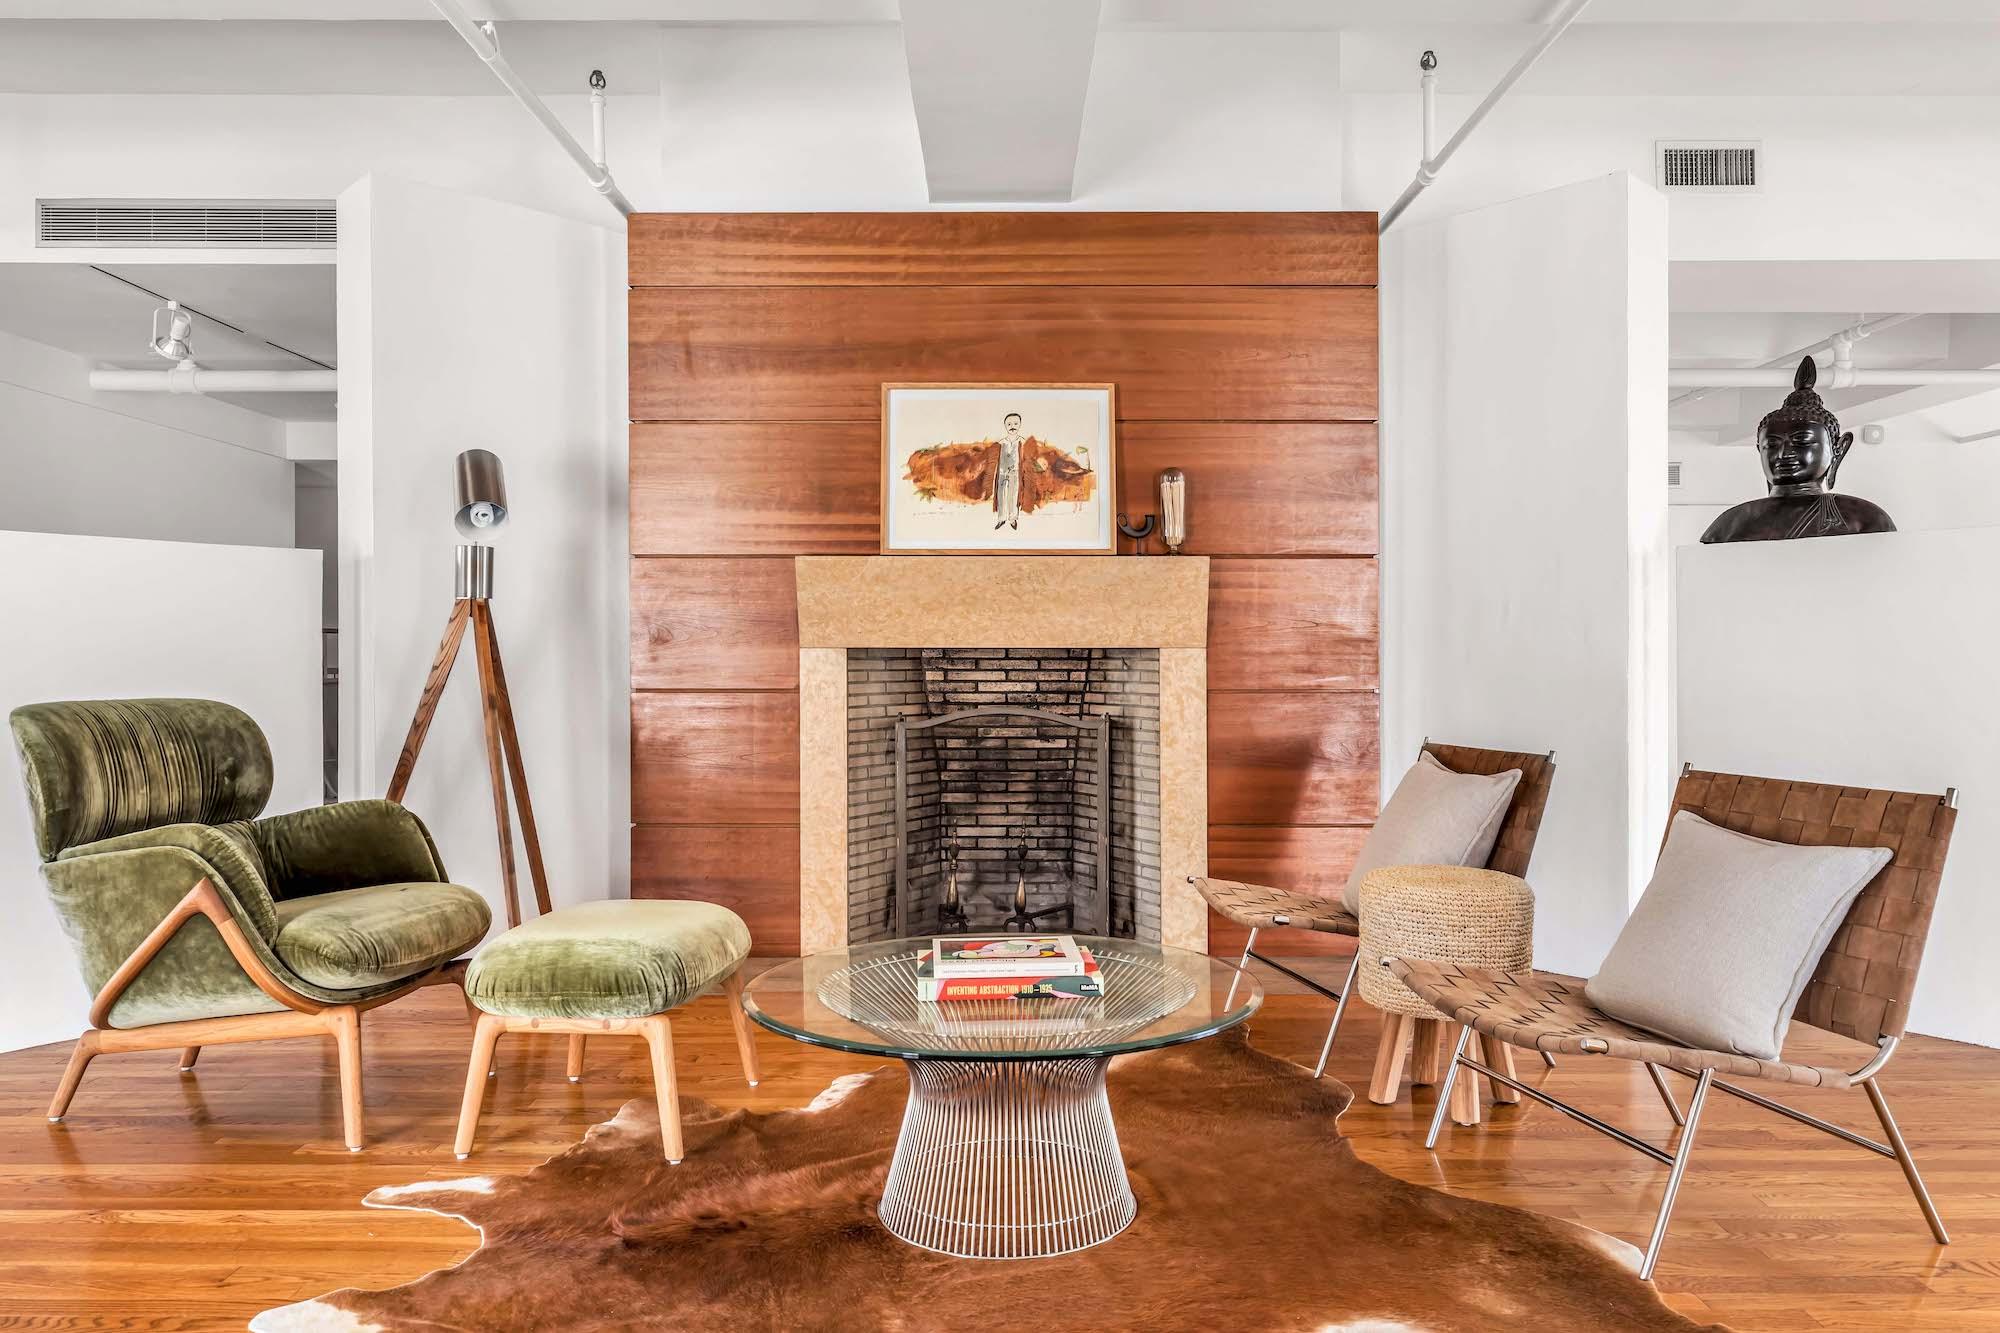 Detalle del salón / Eitan Gamliely for Sotheby's International Realty